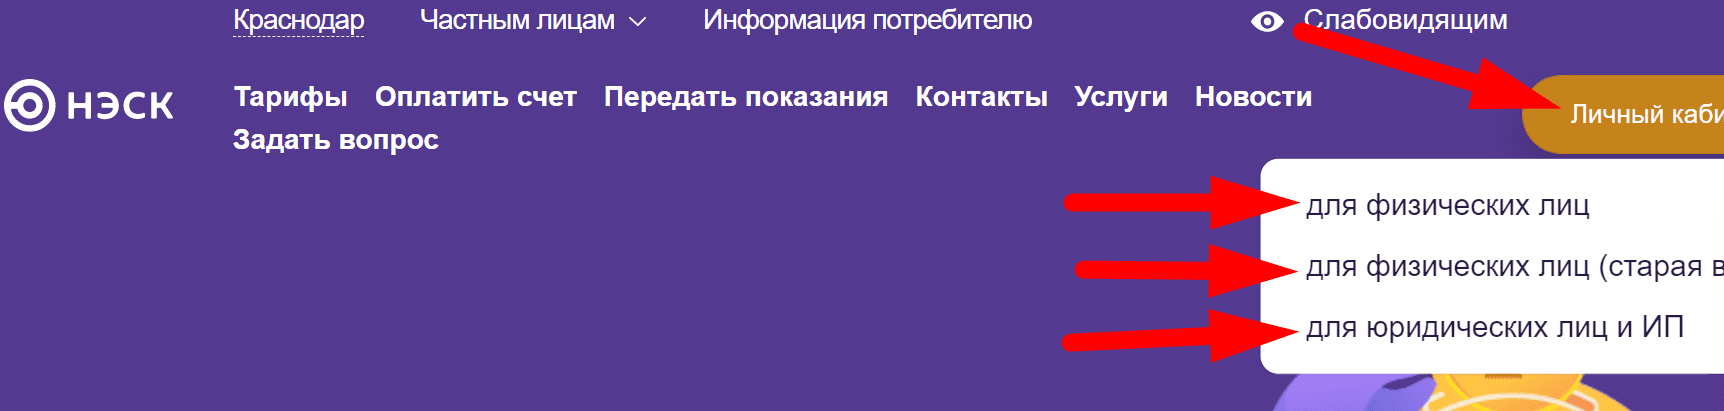 Ссылка на сайт энергосбытовой компании АО «НЭСК»